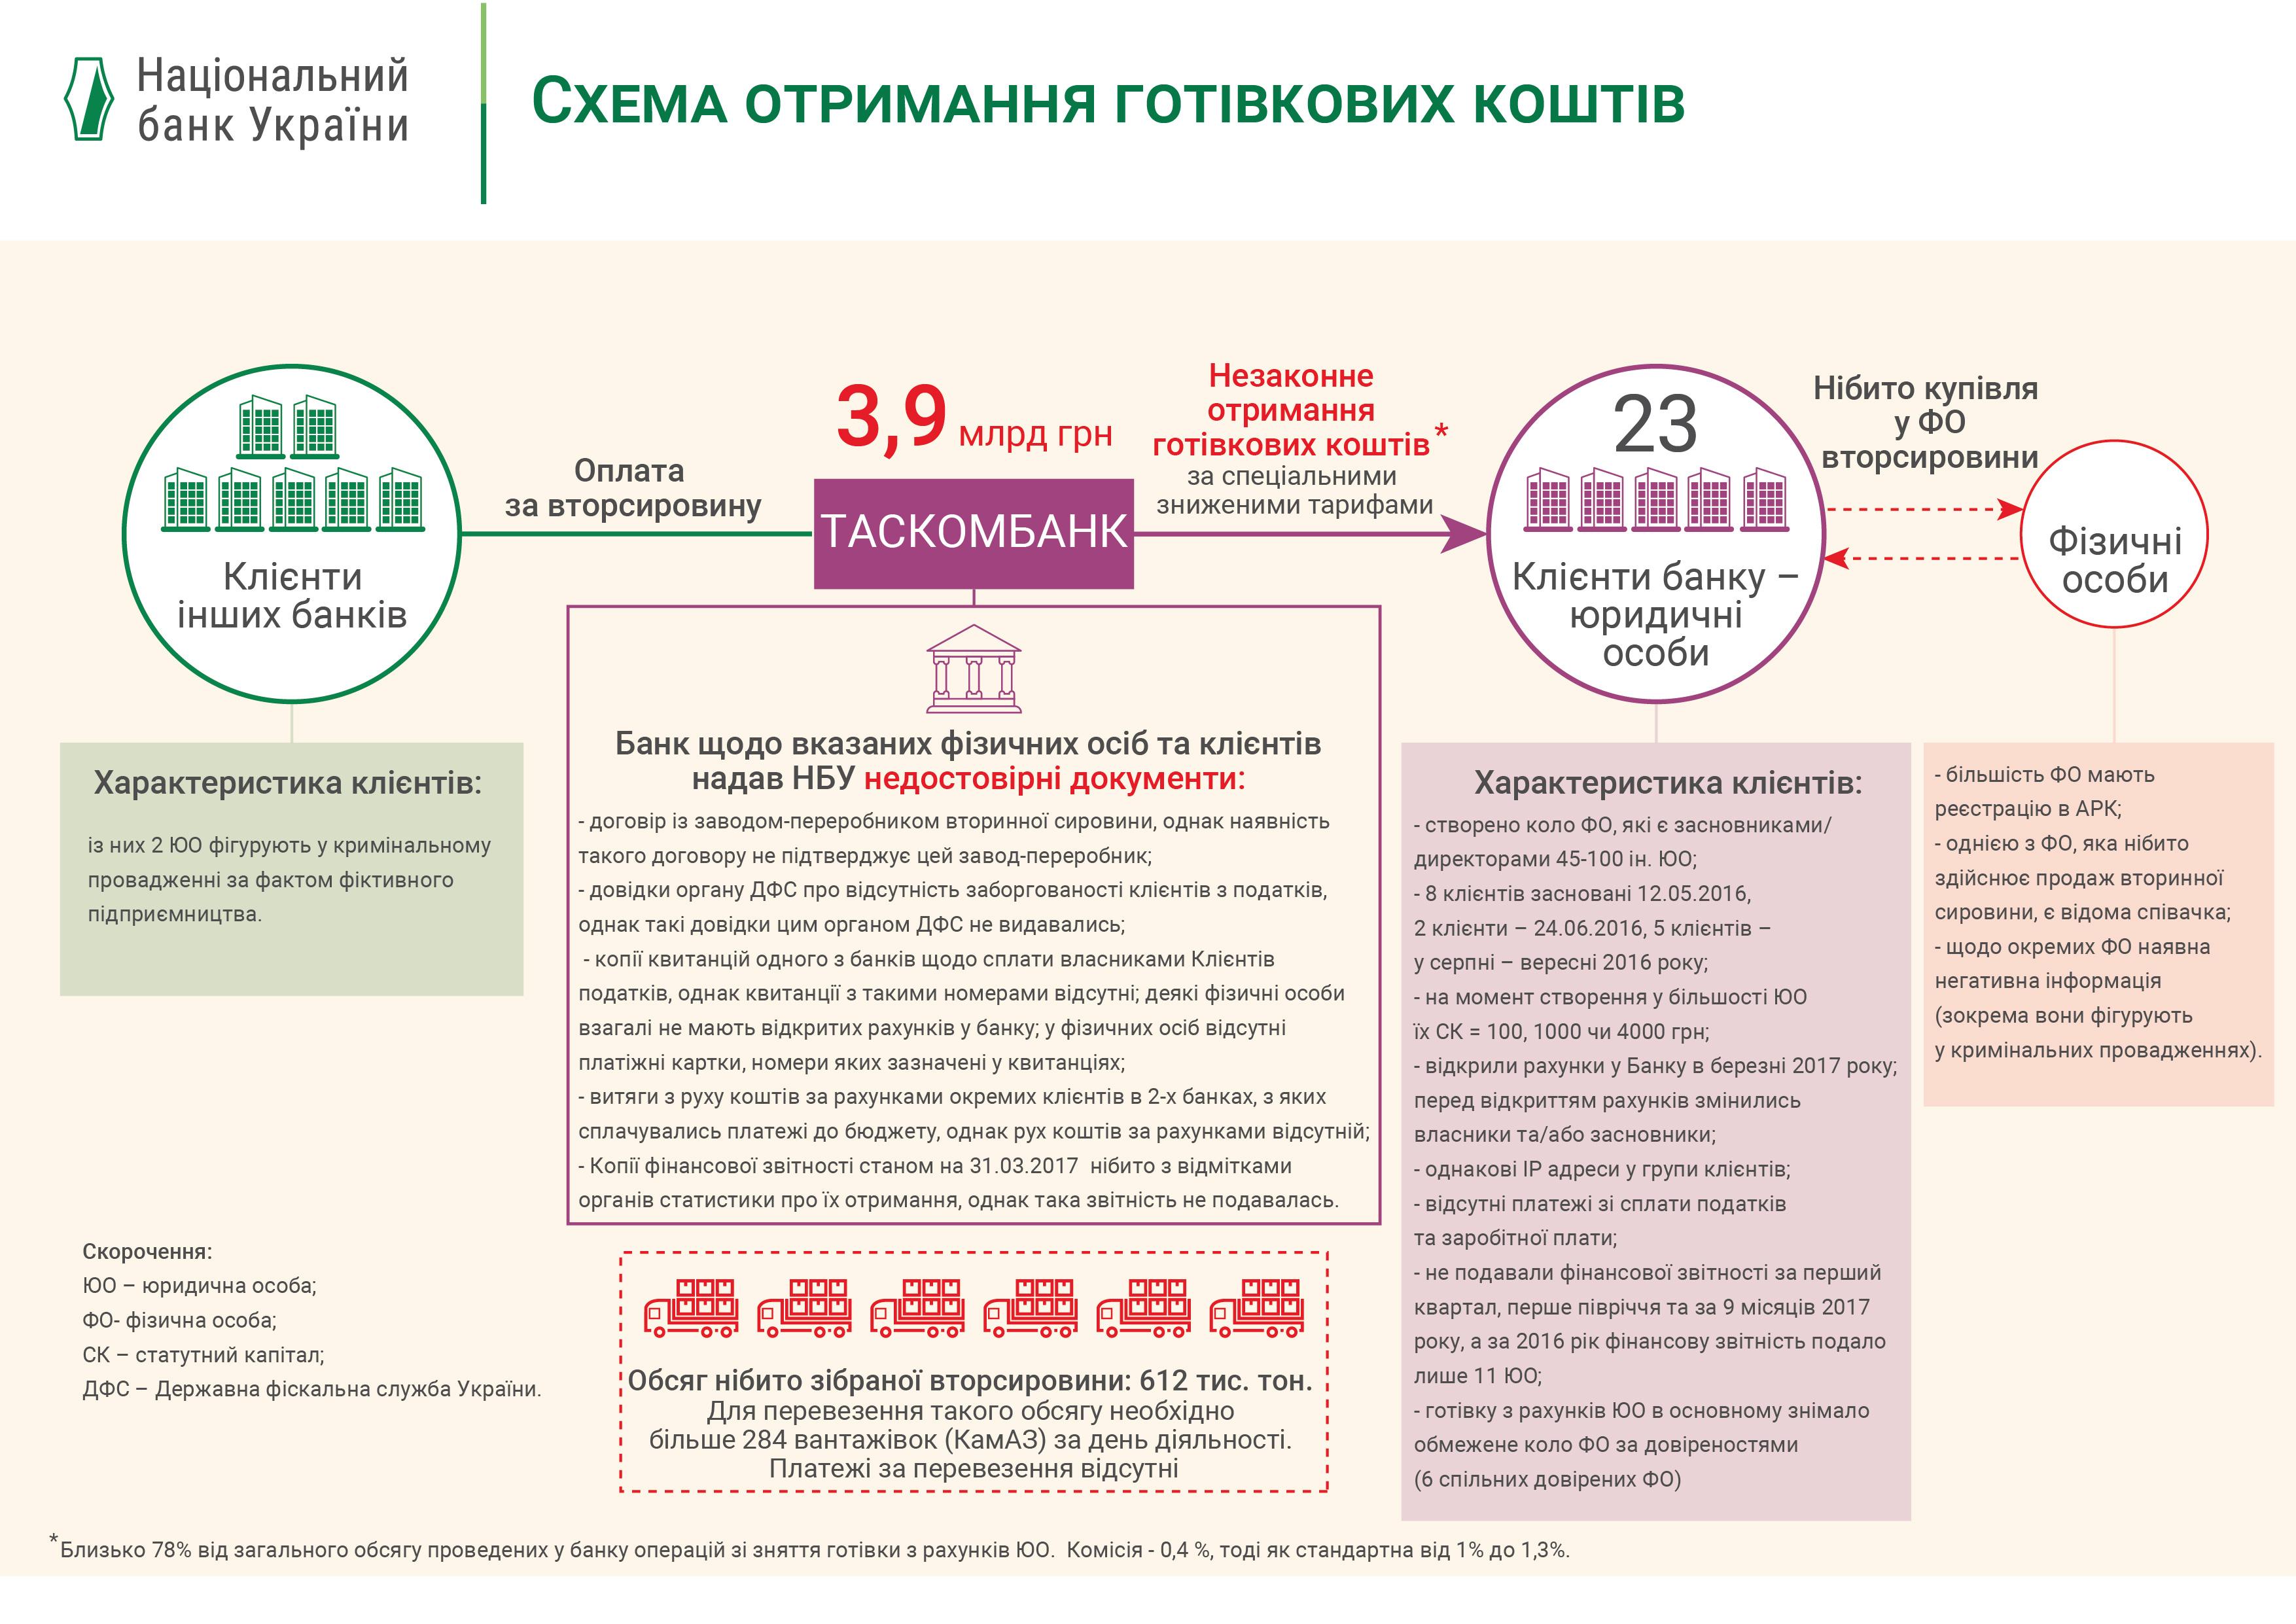 НБУ объяснил применение штрафа к банку Тигипко